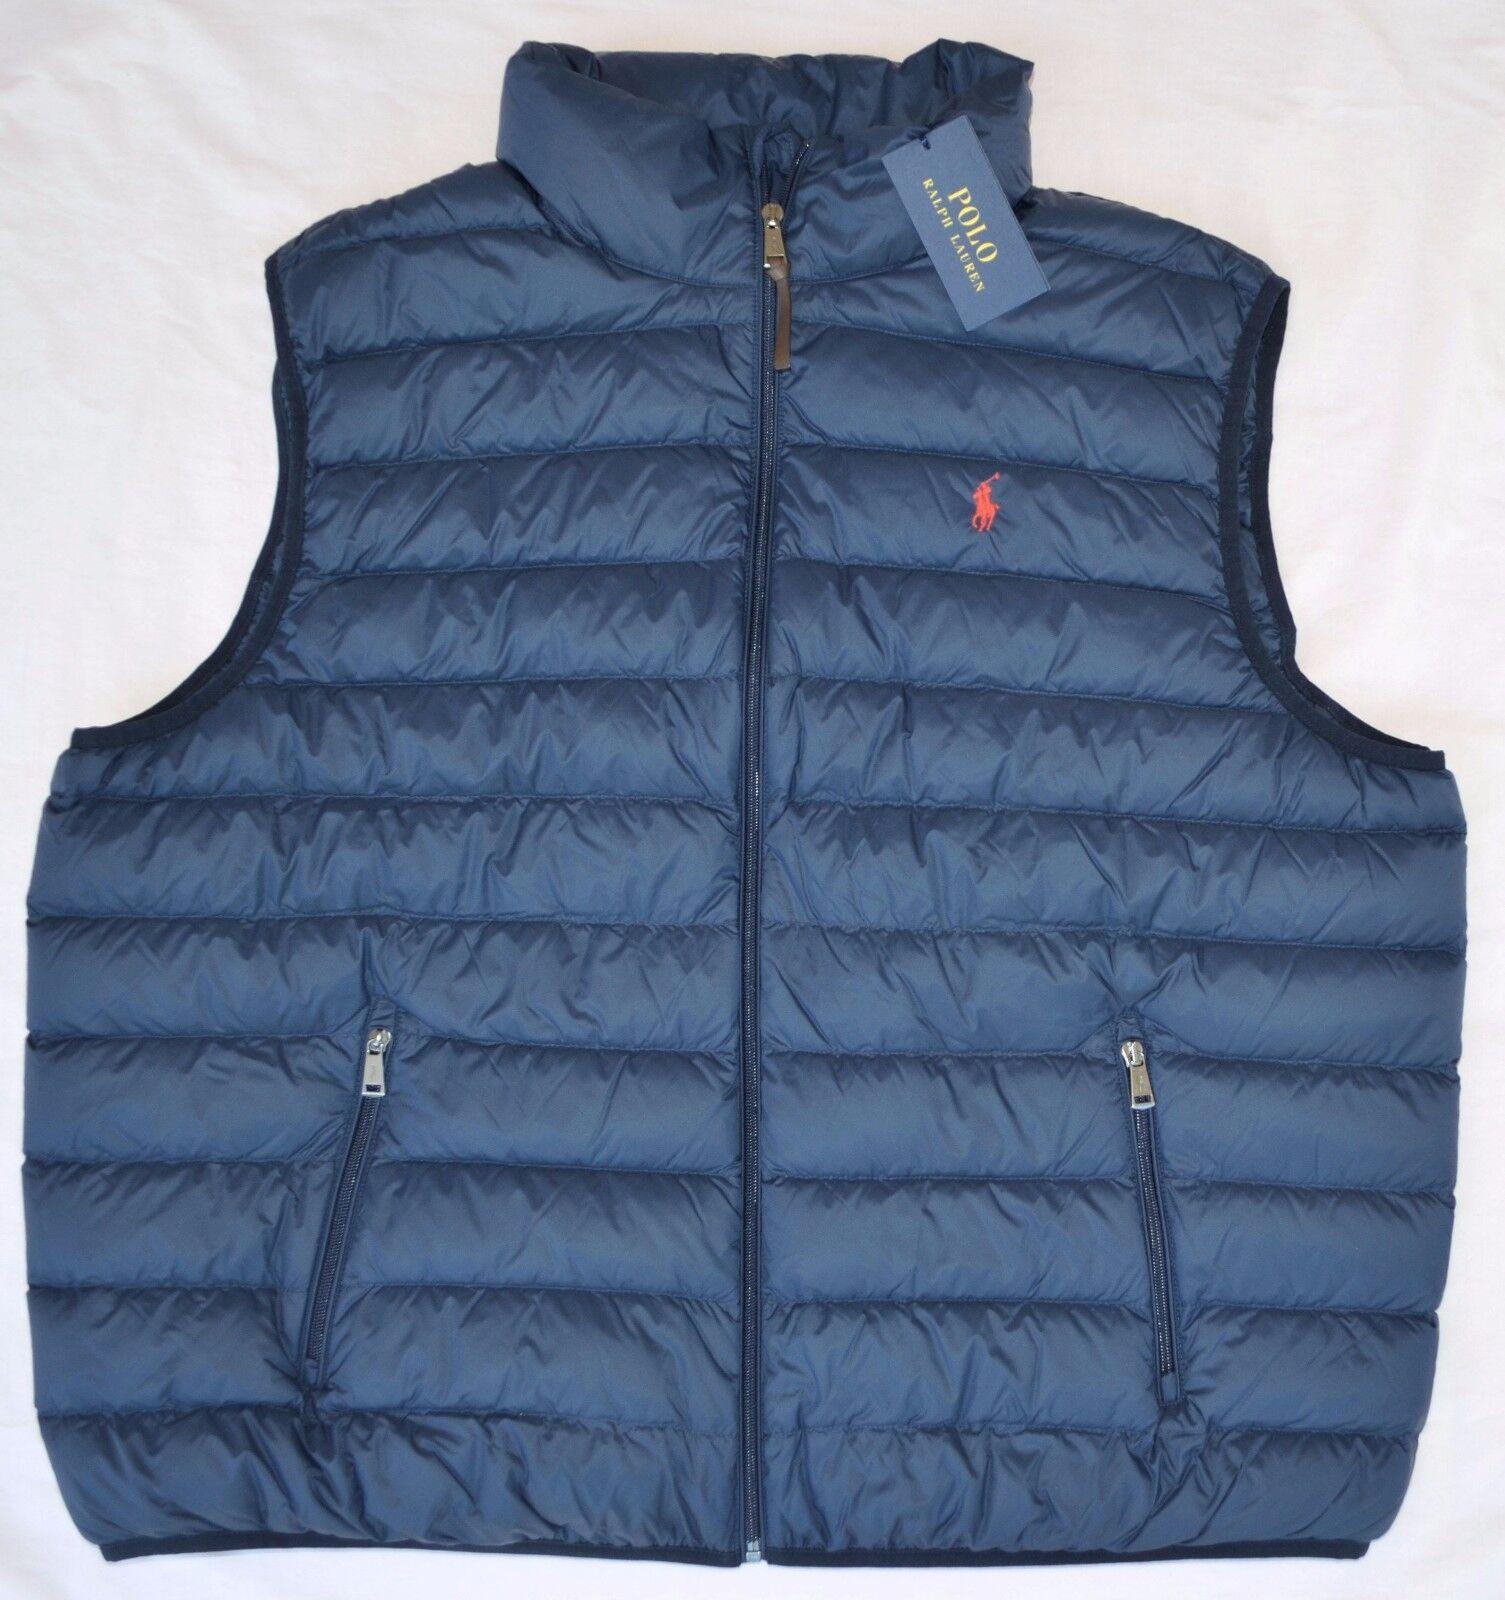 ce9a71728415 XXL 2xl Polo Ralph Lauren Mens Packable Puffer Down Vest Navy Blue ...